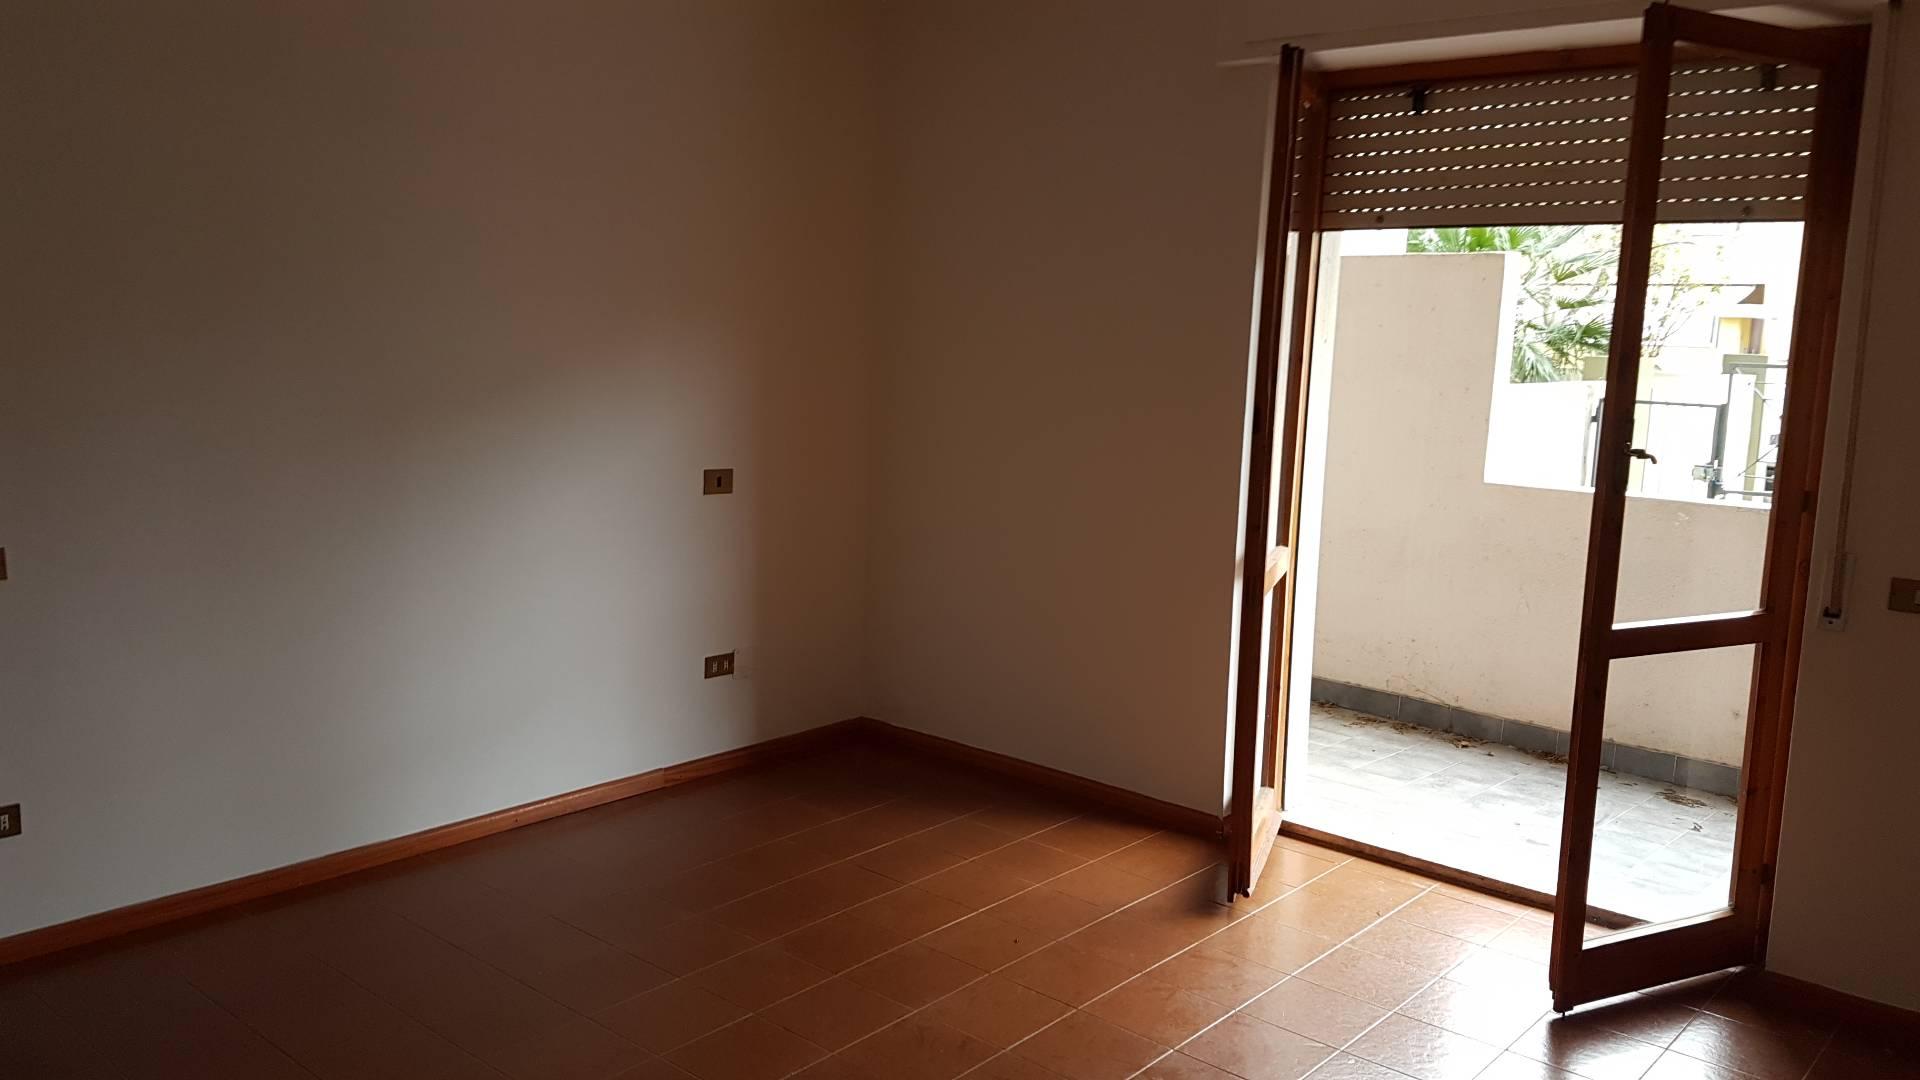 Appartamento in affitto a Quartu Sant'Elena, 4 locali, zona Località: PitzeSerra, prezzo € 650 | Cambio Casa.it